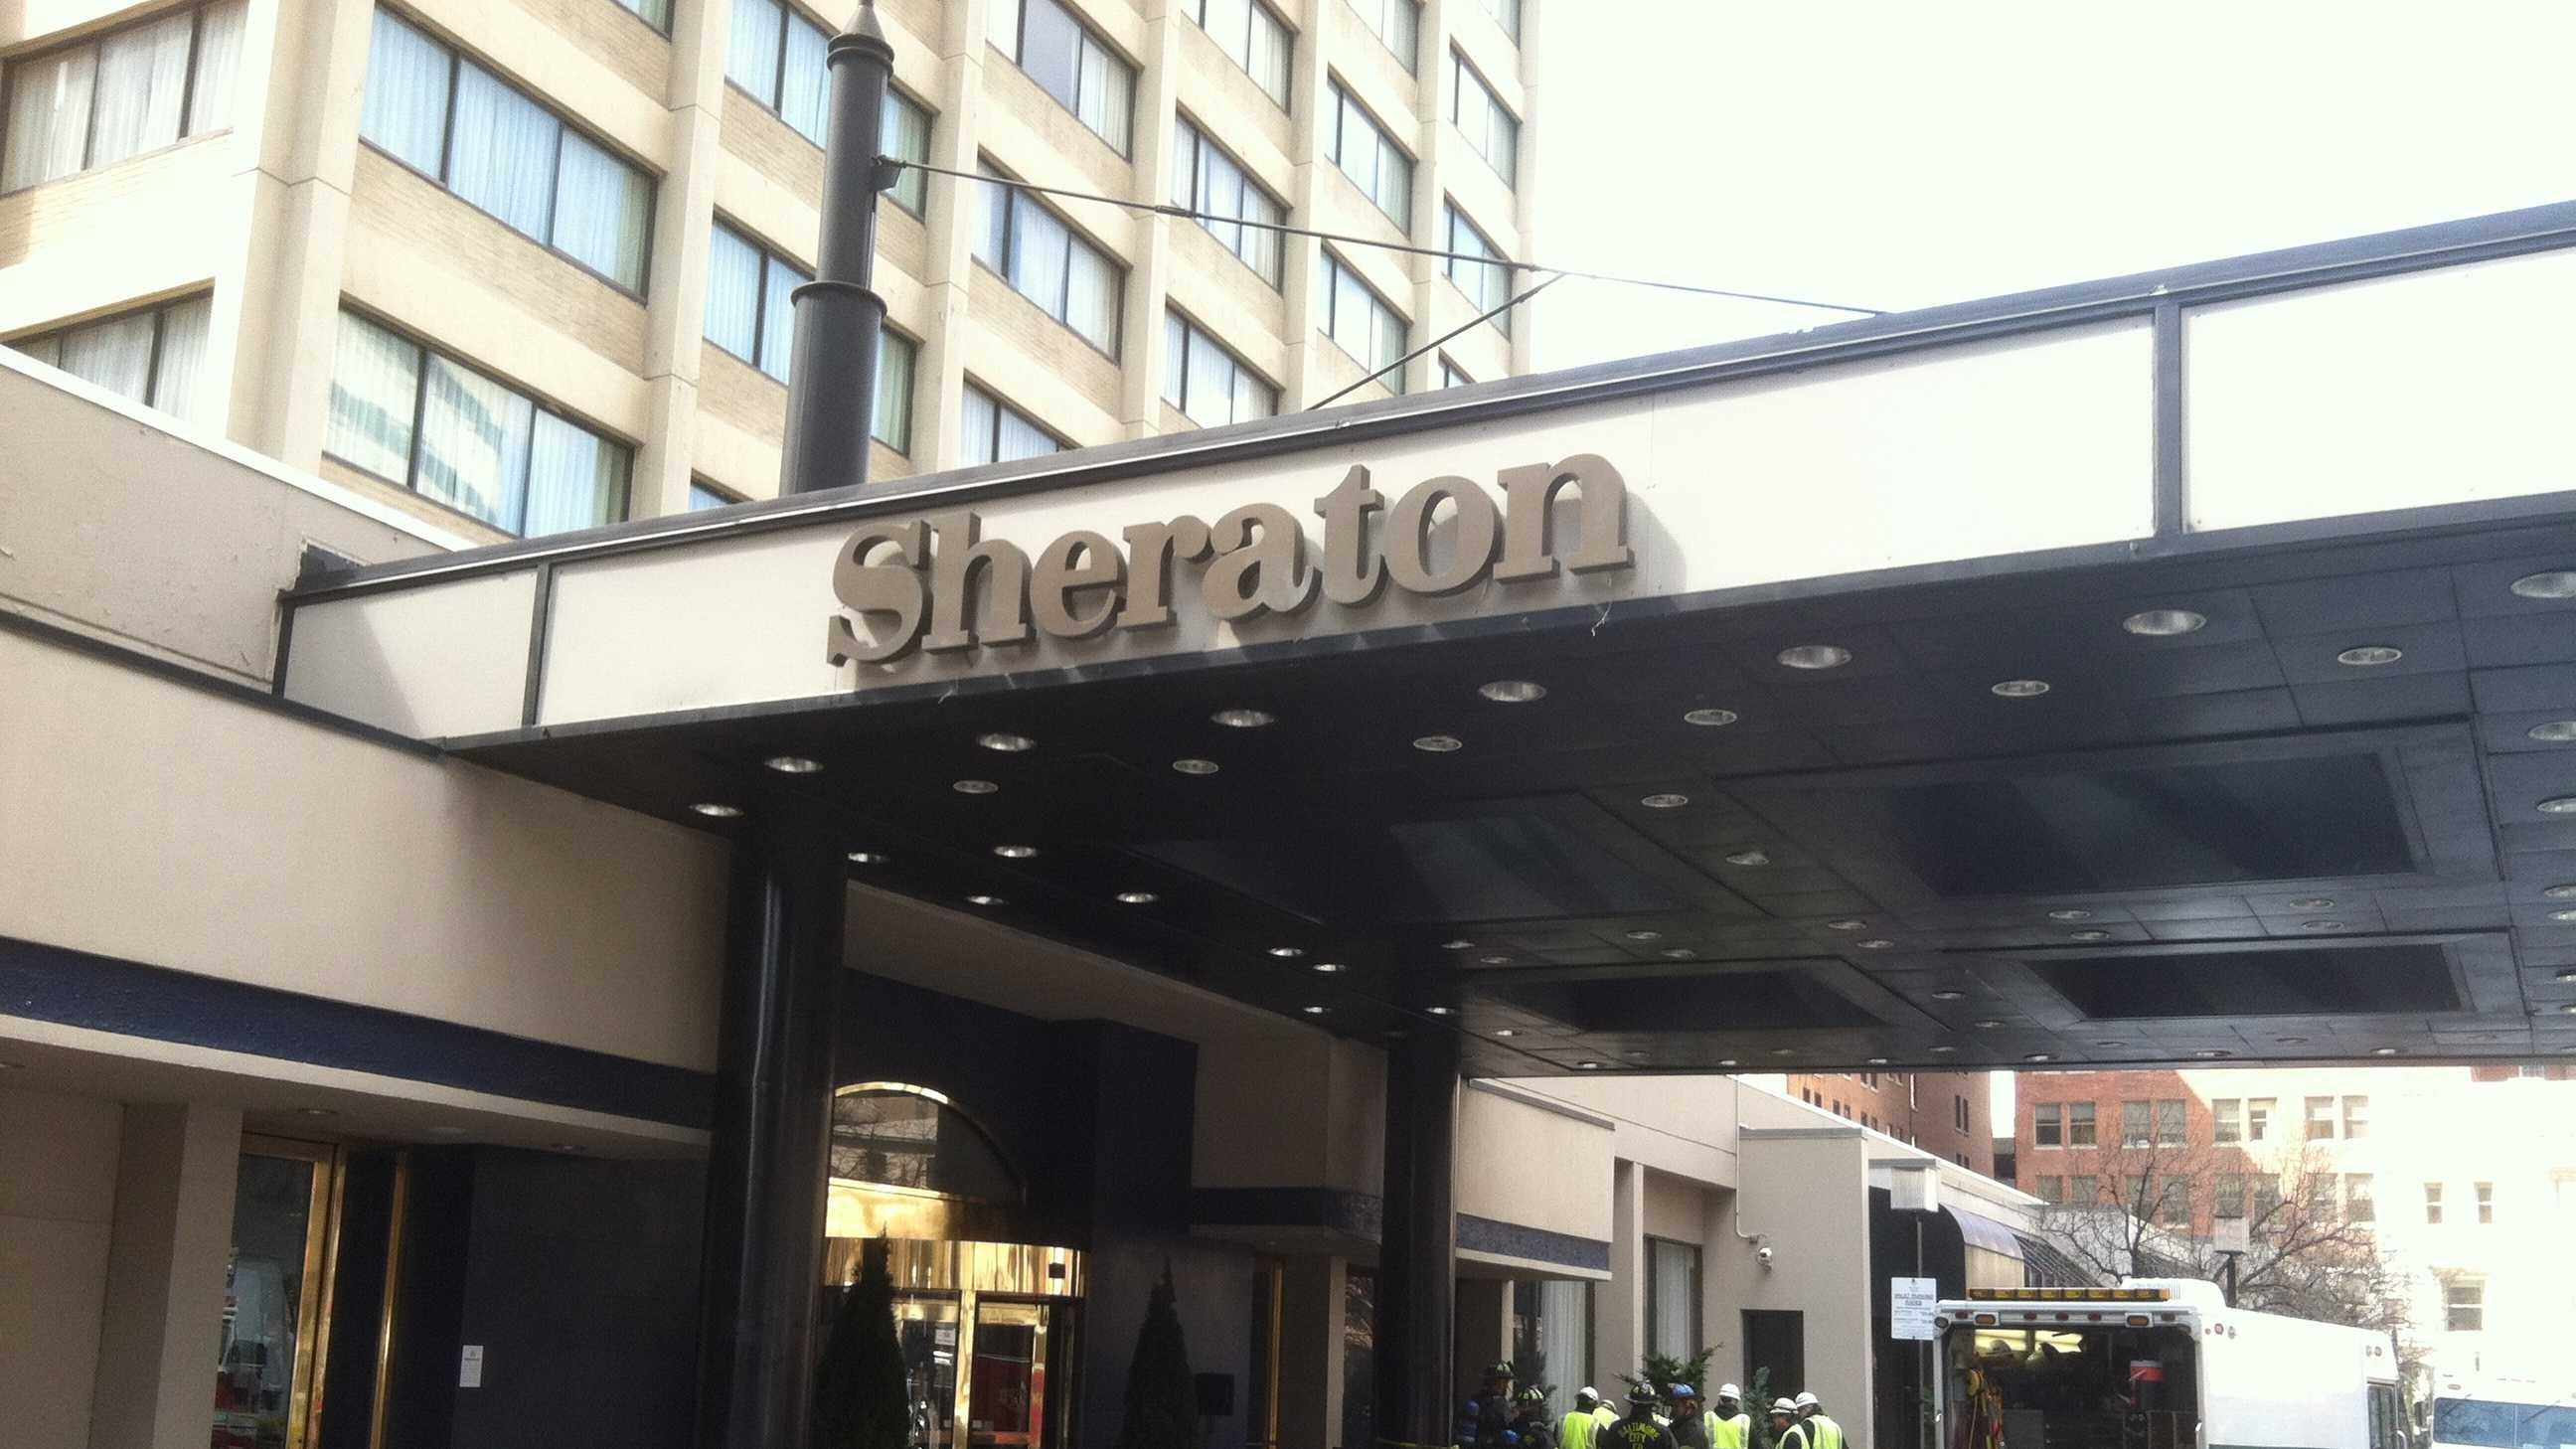 Sheraton fire2